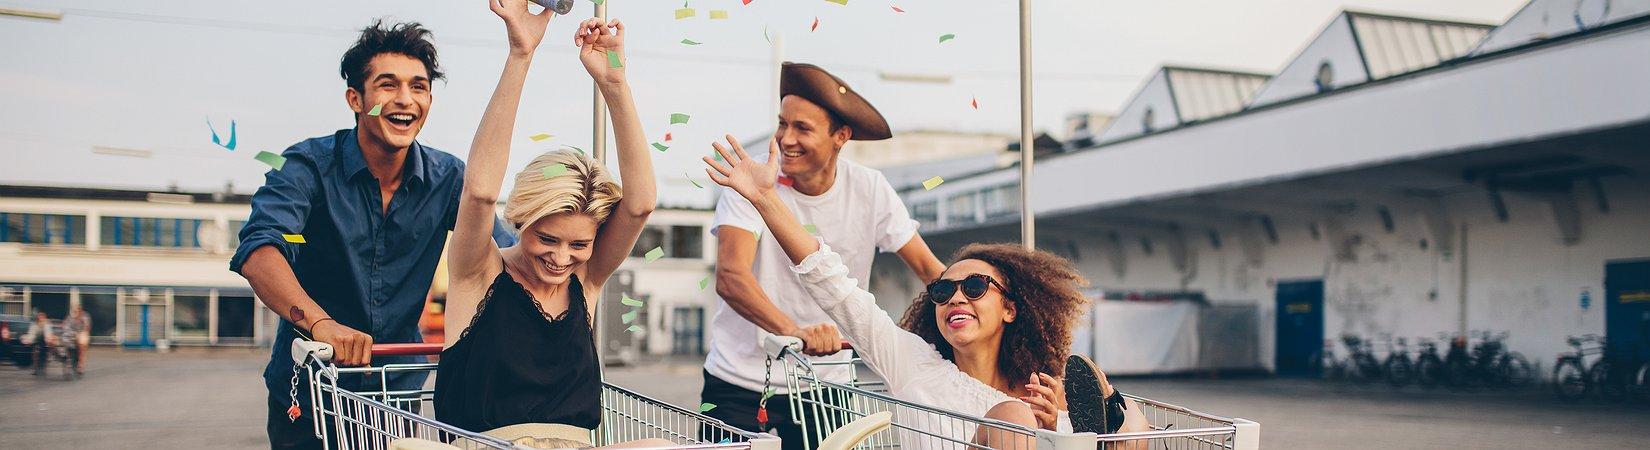 Чем заменить положительные эмоции от шопинга, не потратив ни копейки